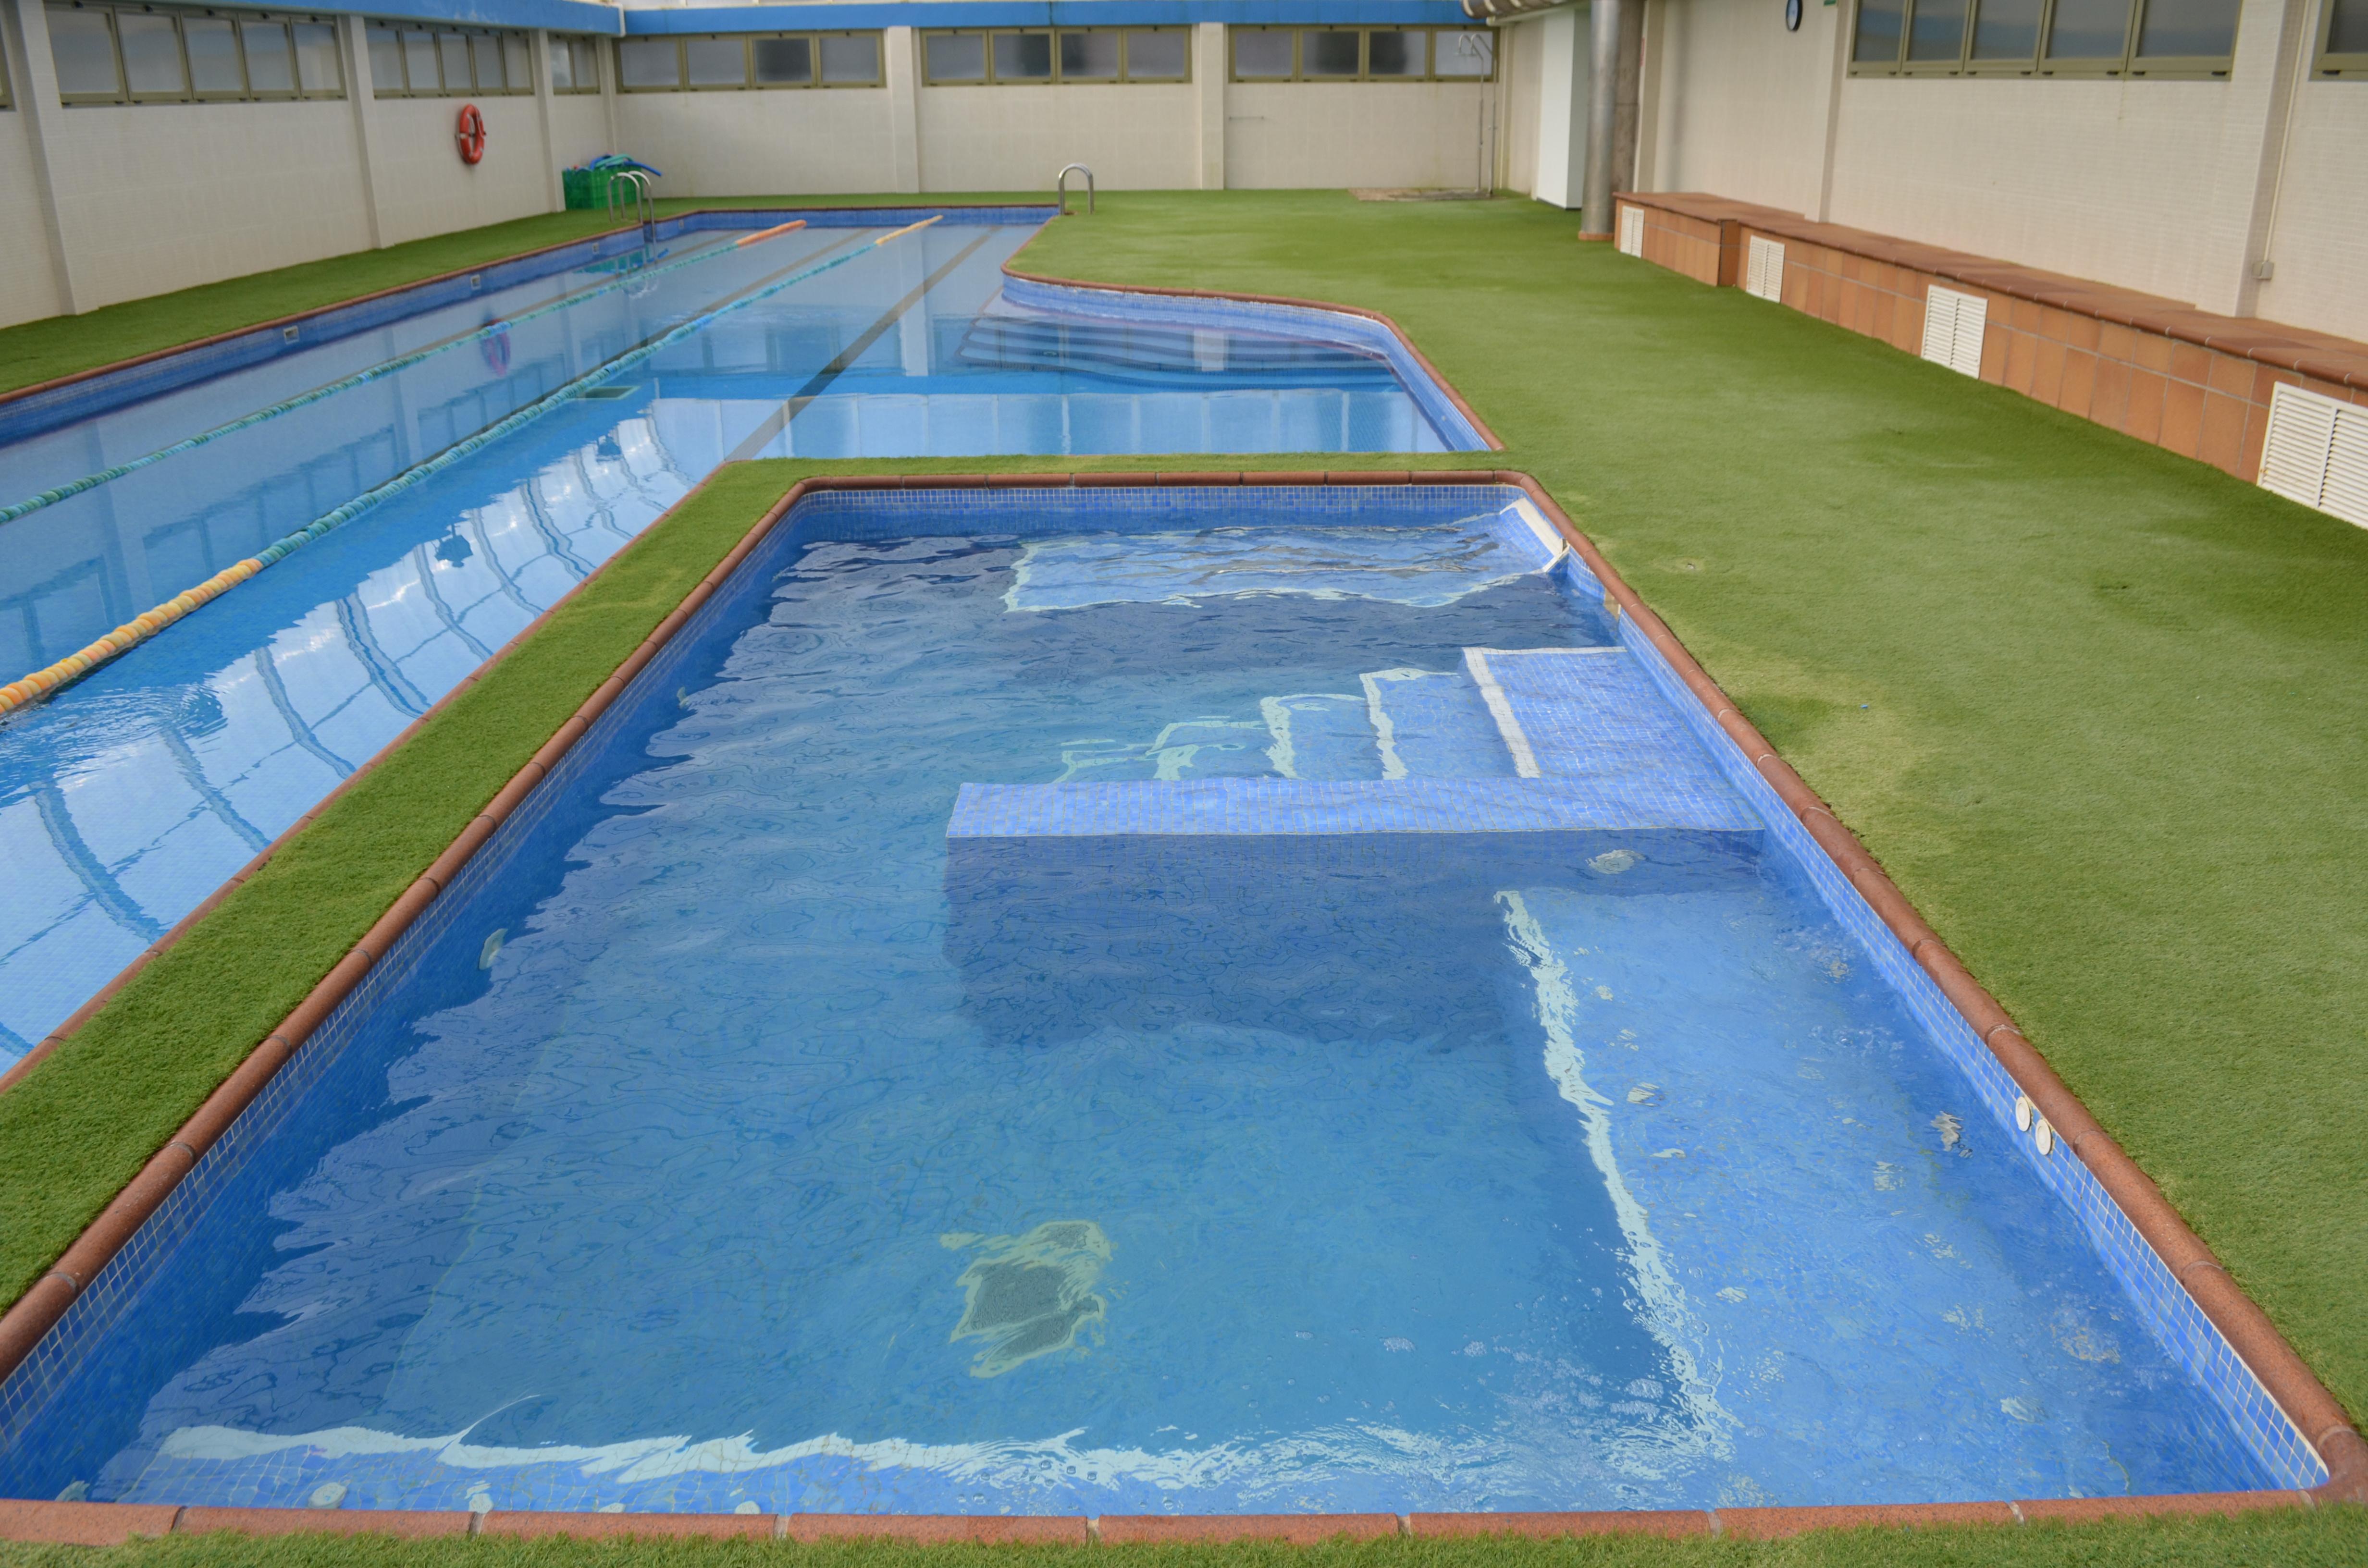 Mantenimiento de piscinas comunitarias y privadas for Mantenimiento de piscinas